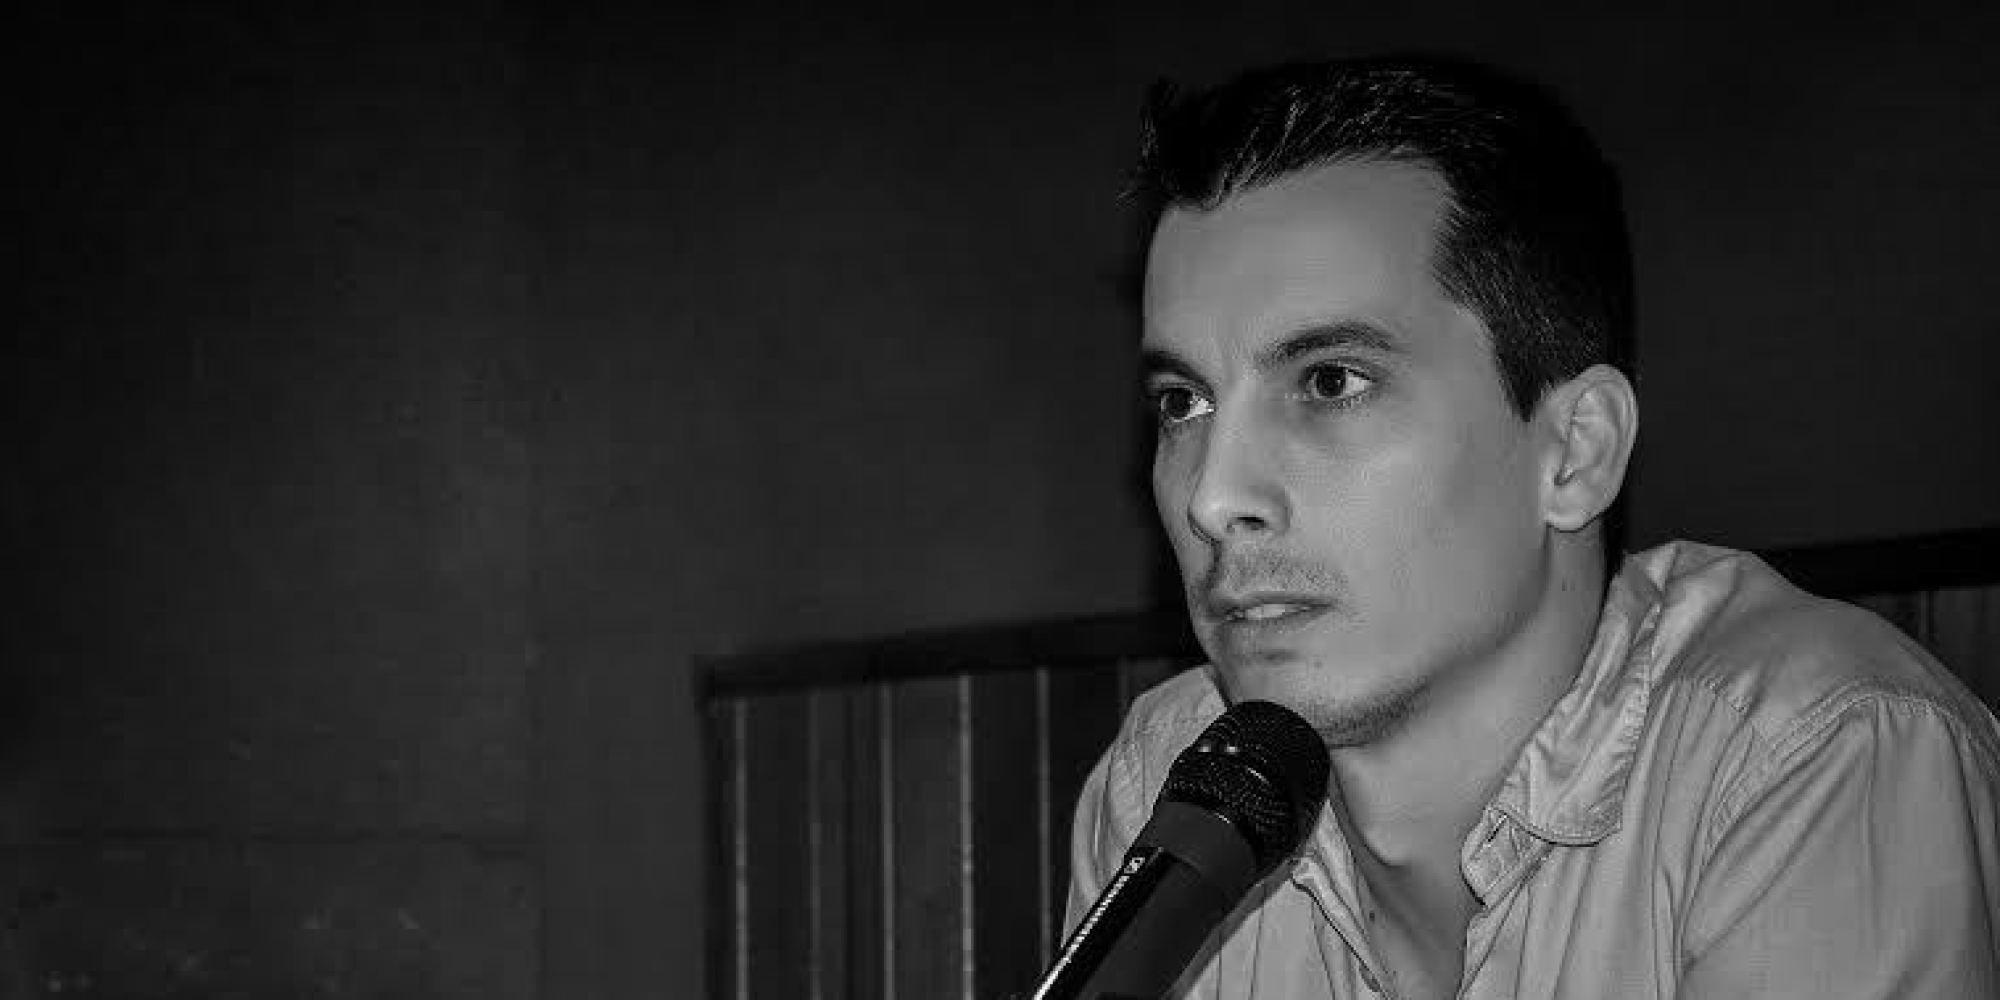 La justicia militar desestima el último recurso de Luis Gonzalo Segura, quitándole la última posibilidad de volver a ser militar